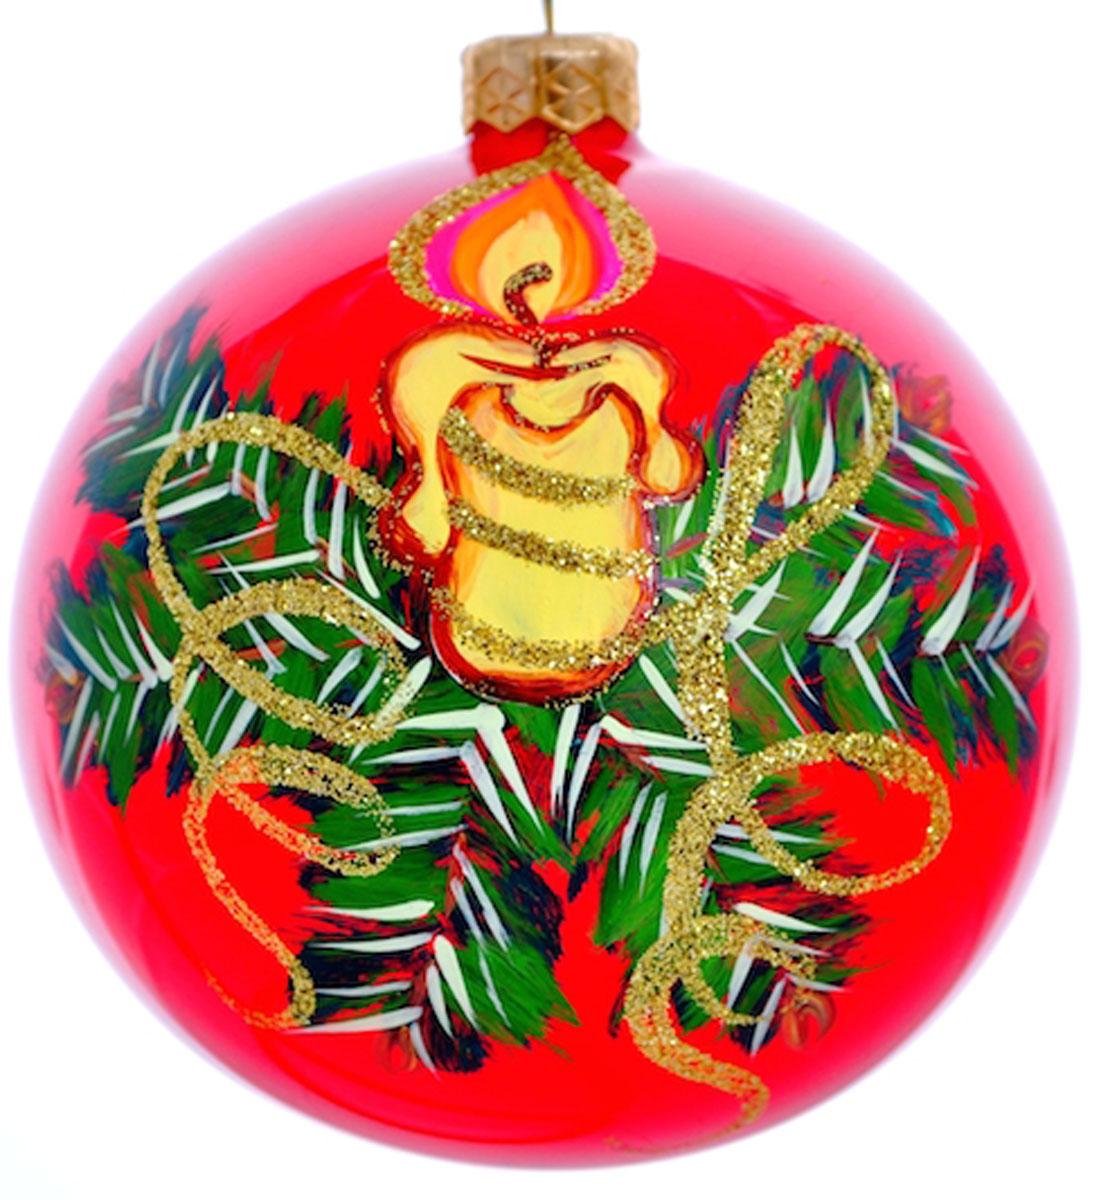 """Стеклянная елочная игрушка - Шар """"Свеча с наплывом"""" диаметром 100 мм. Ручная роспись. Упакован в подарочную коробку + защитный гофрокороб."""